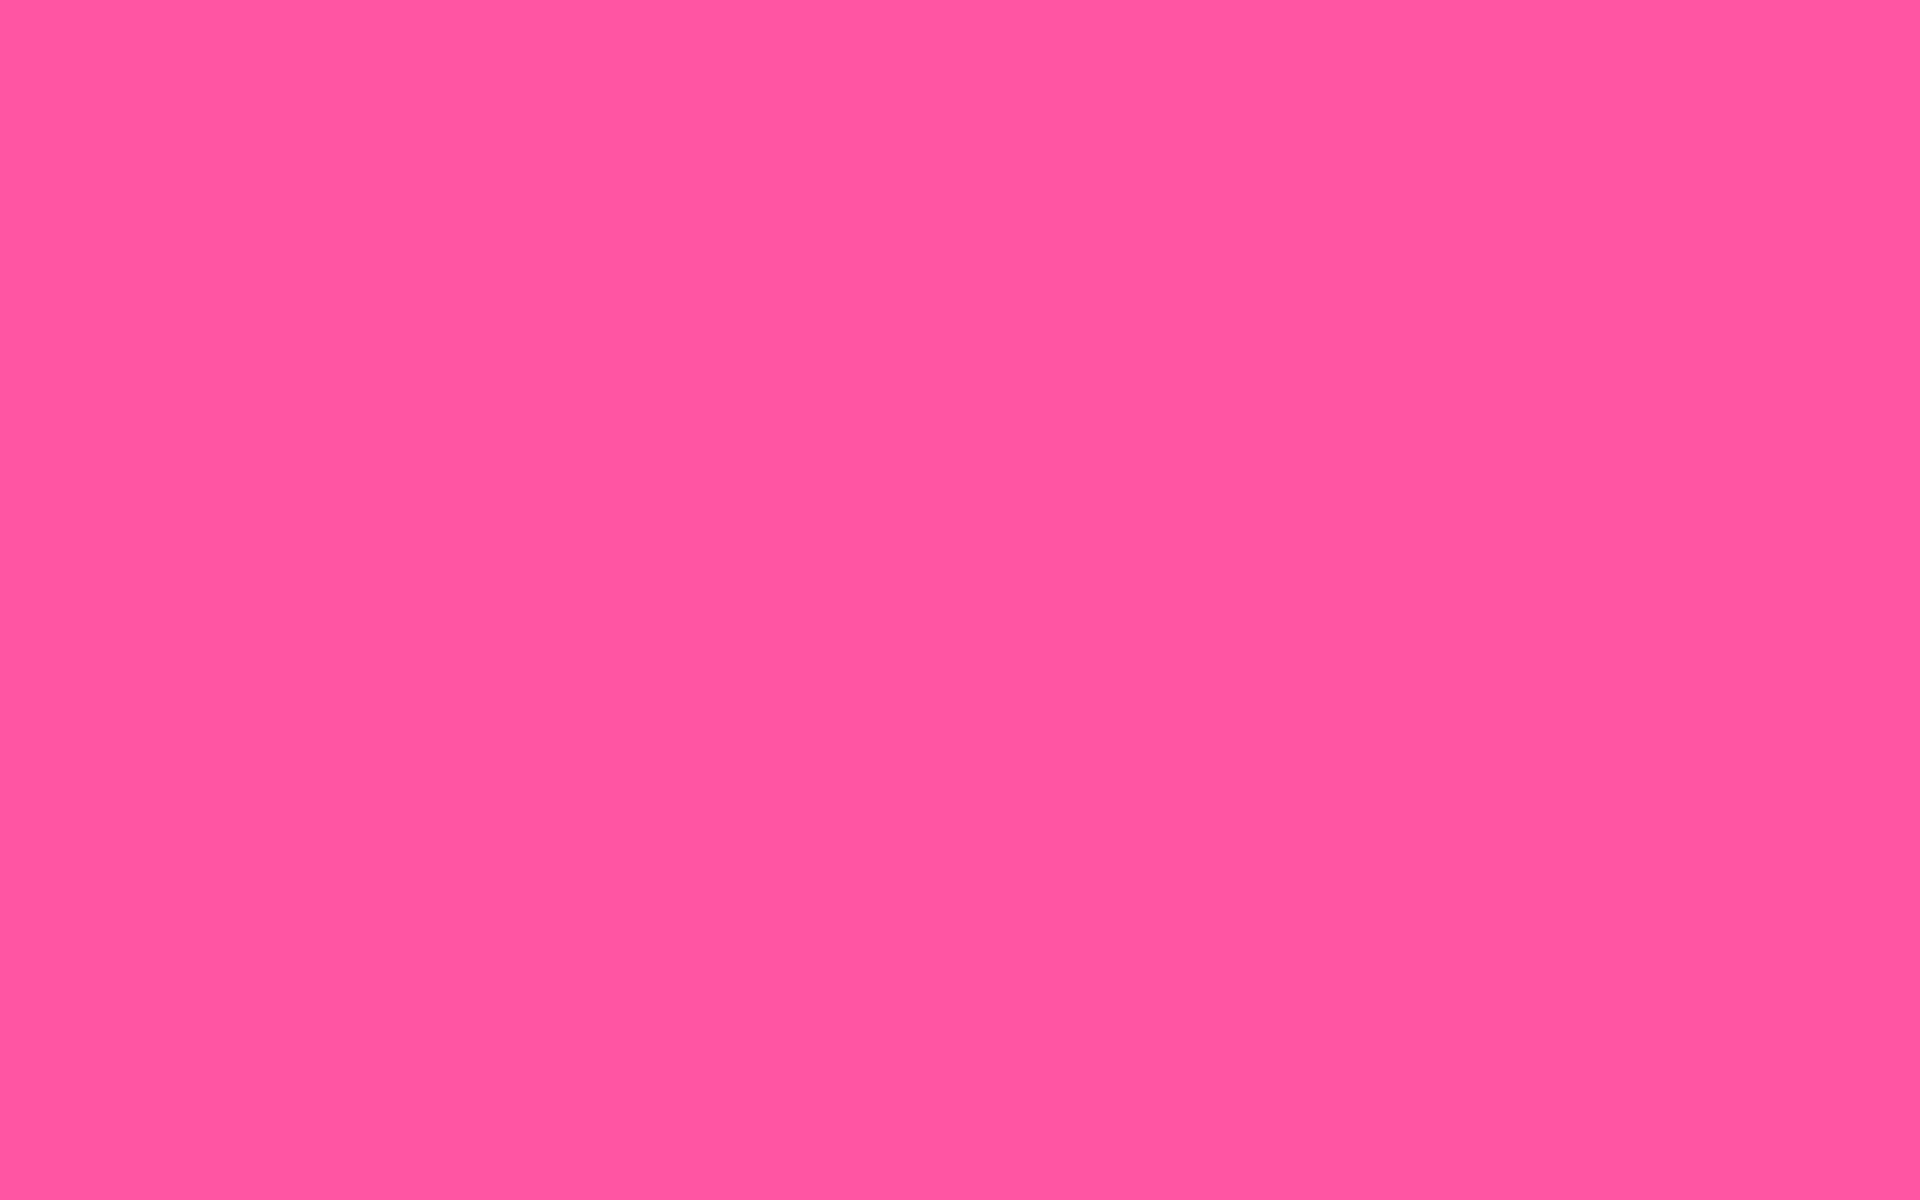 1920x1200 Magenta Crayola Solid Color Background